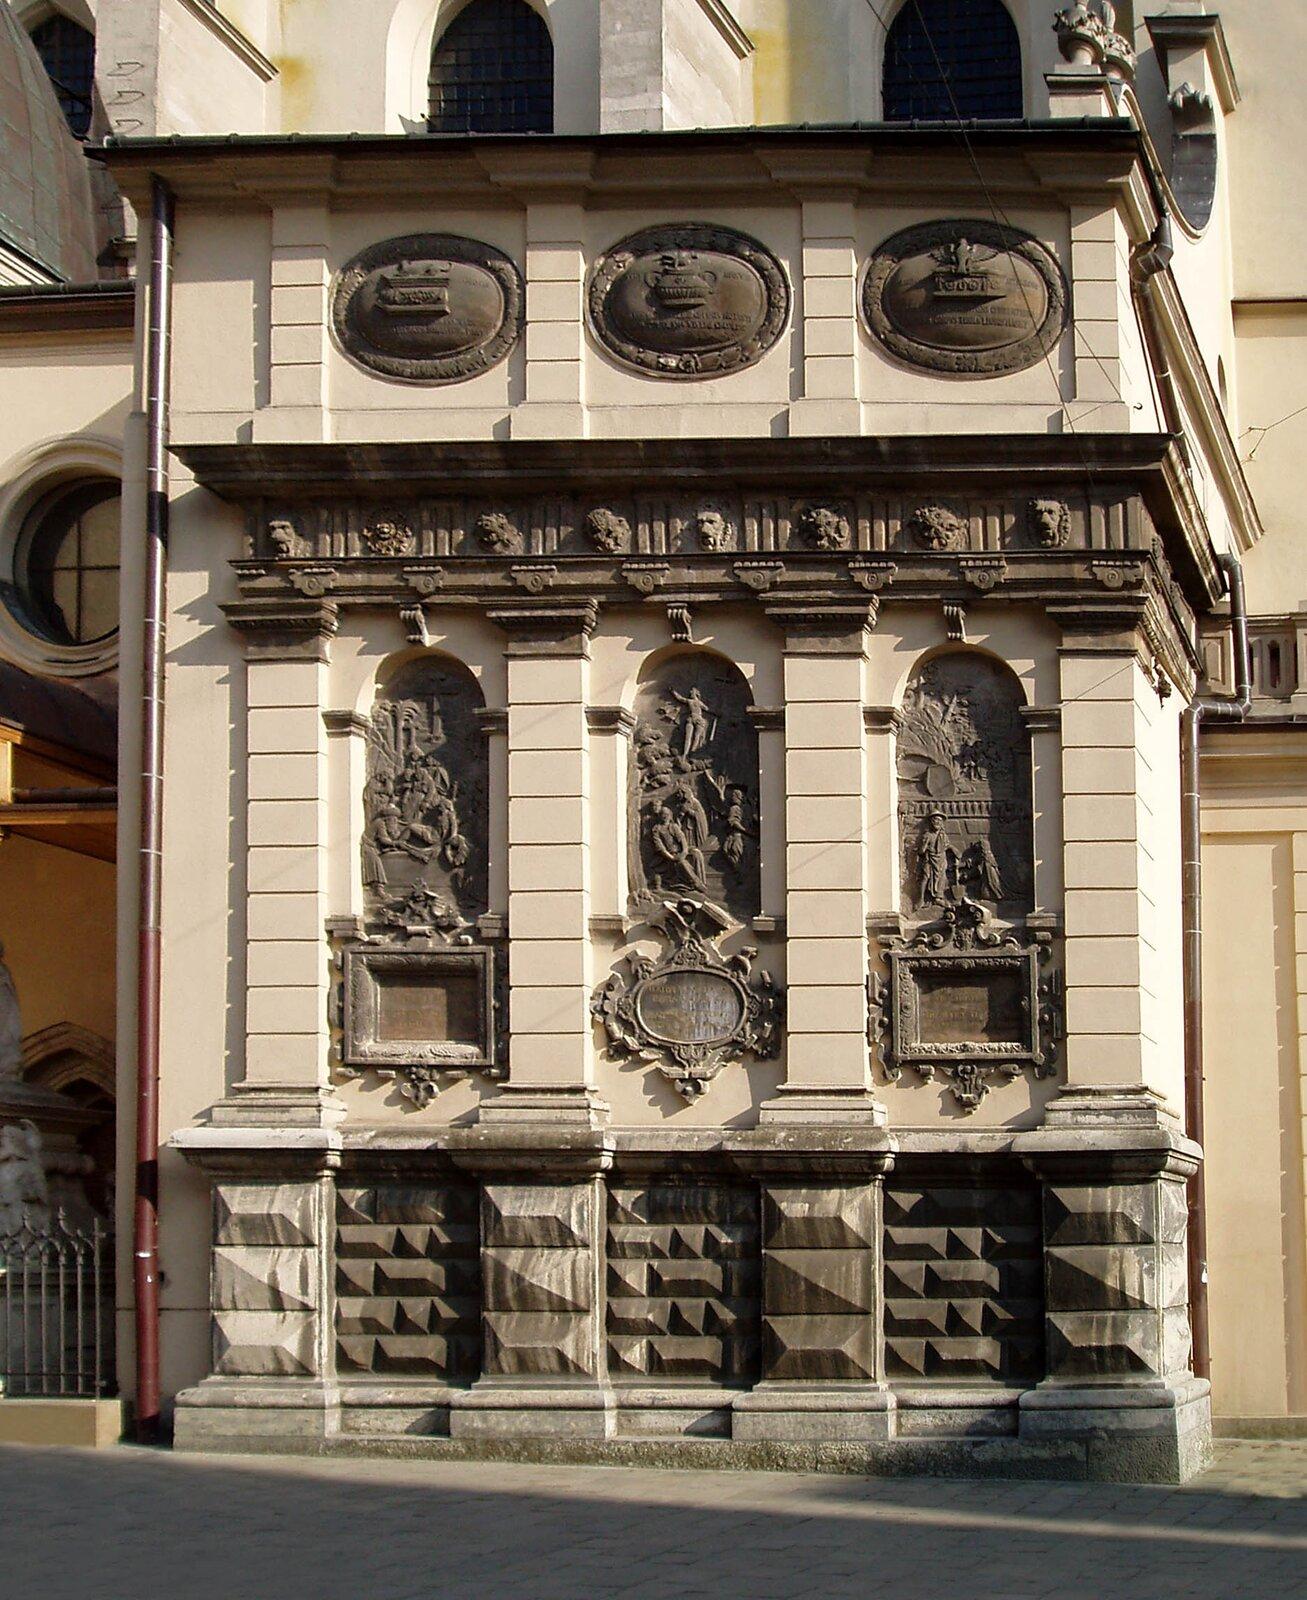 Lwów -kaplica Kampianów przy katedrze łacińskiej Lwów -kaplica Kampianów przy katedrze łacińskiej Źródło: Aeou, Wikimedia Commons, licencja: CC BY-SA 3.0.